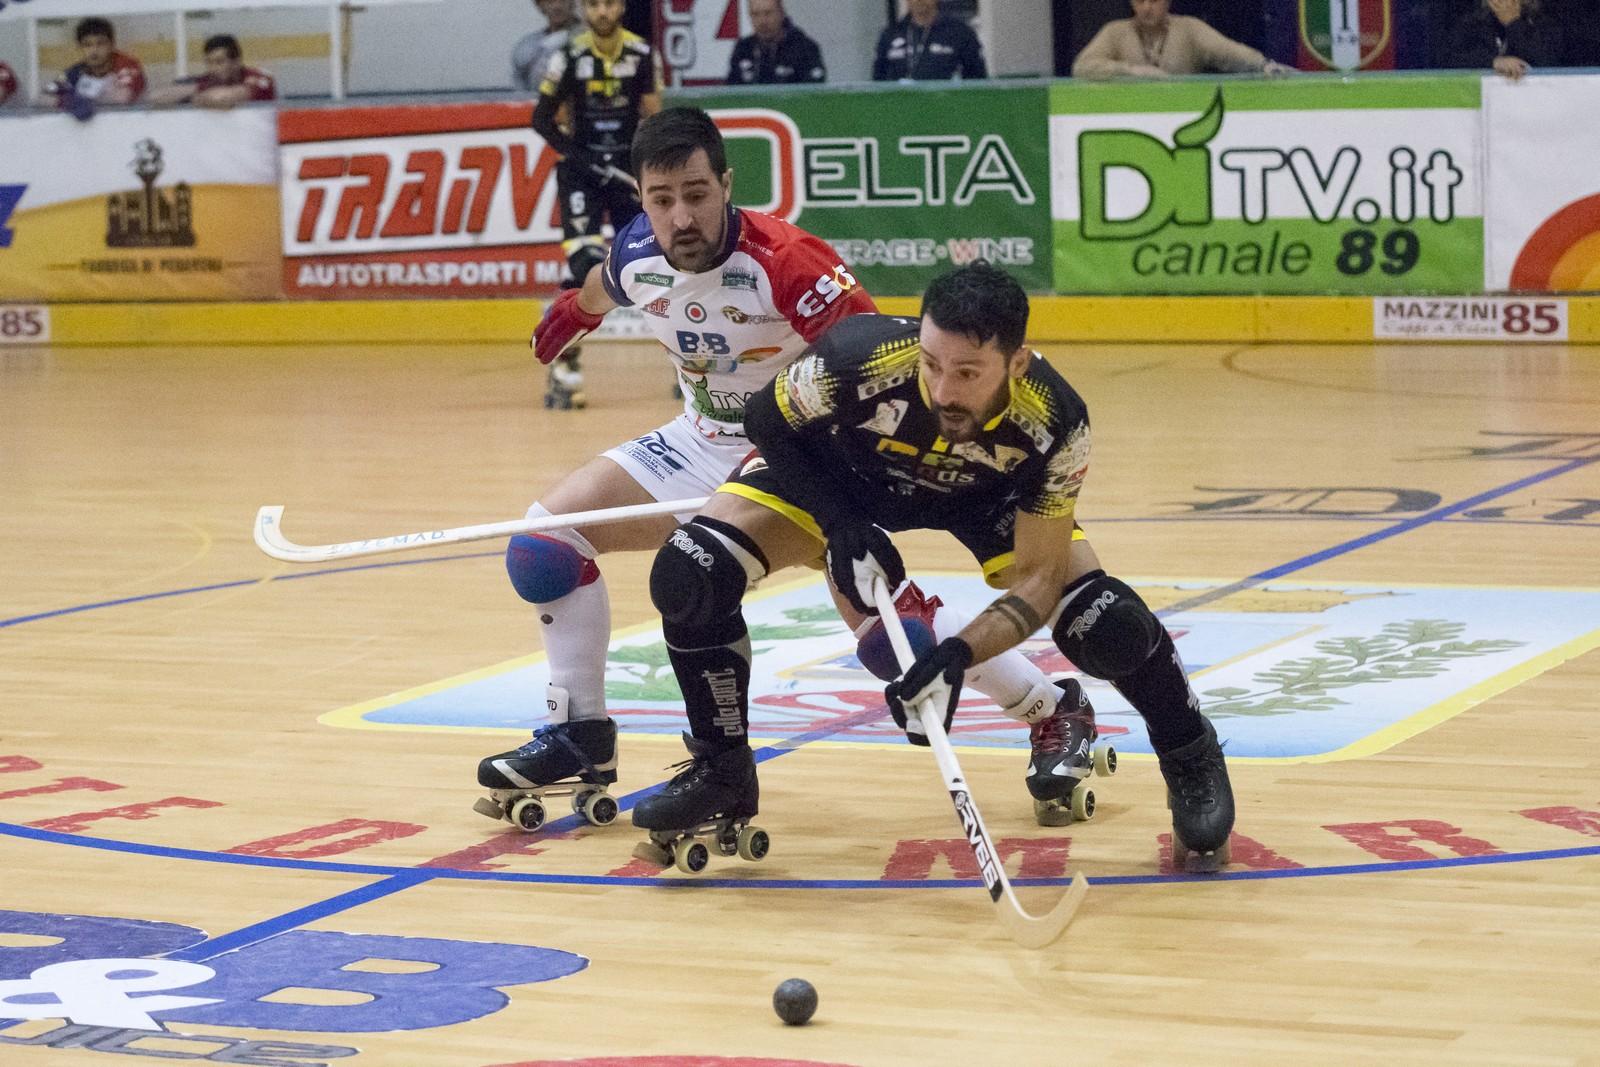 Hockey, il Forte si aggiudica il derby e vola in testa alla classifica